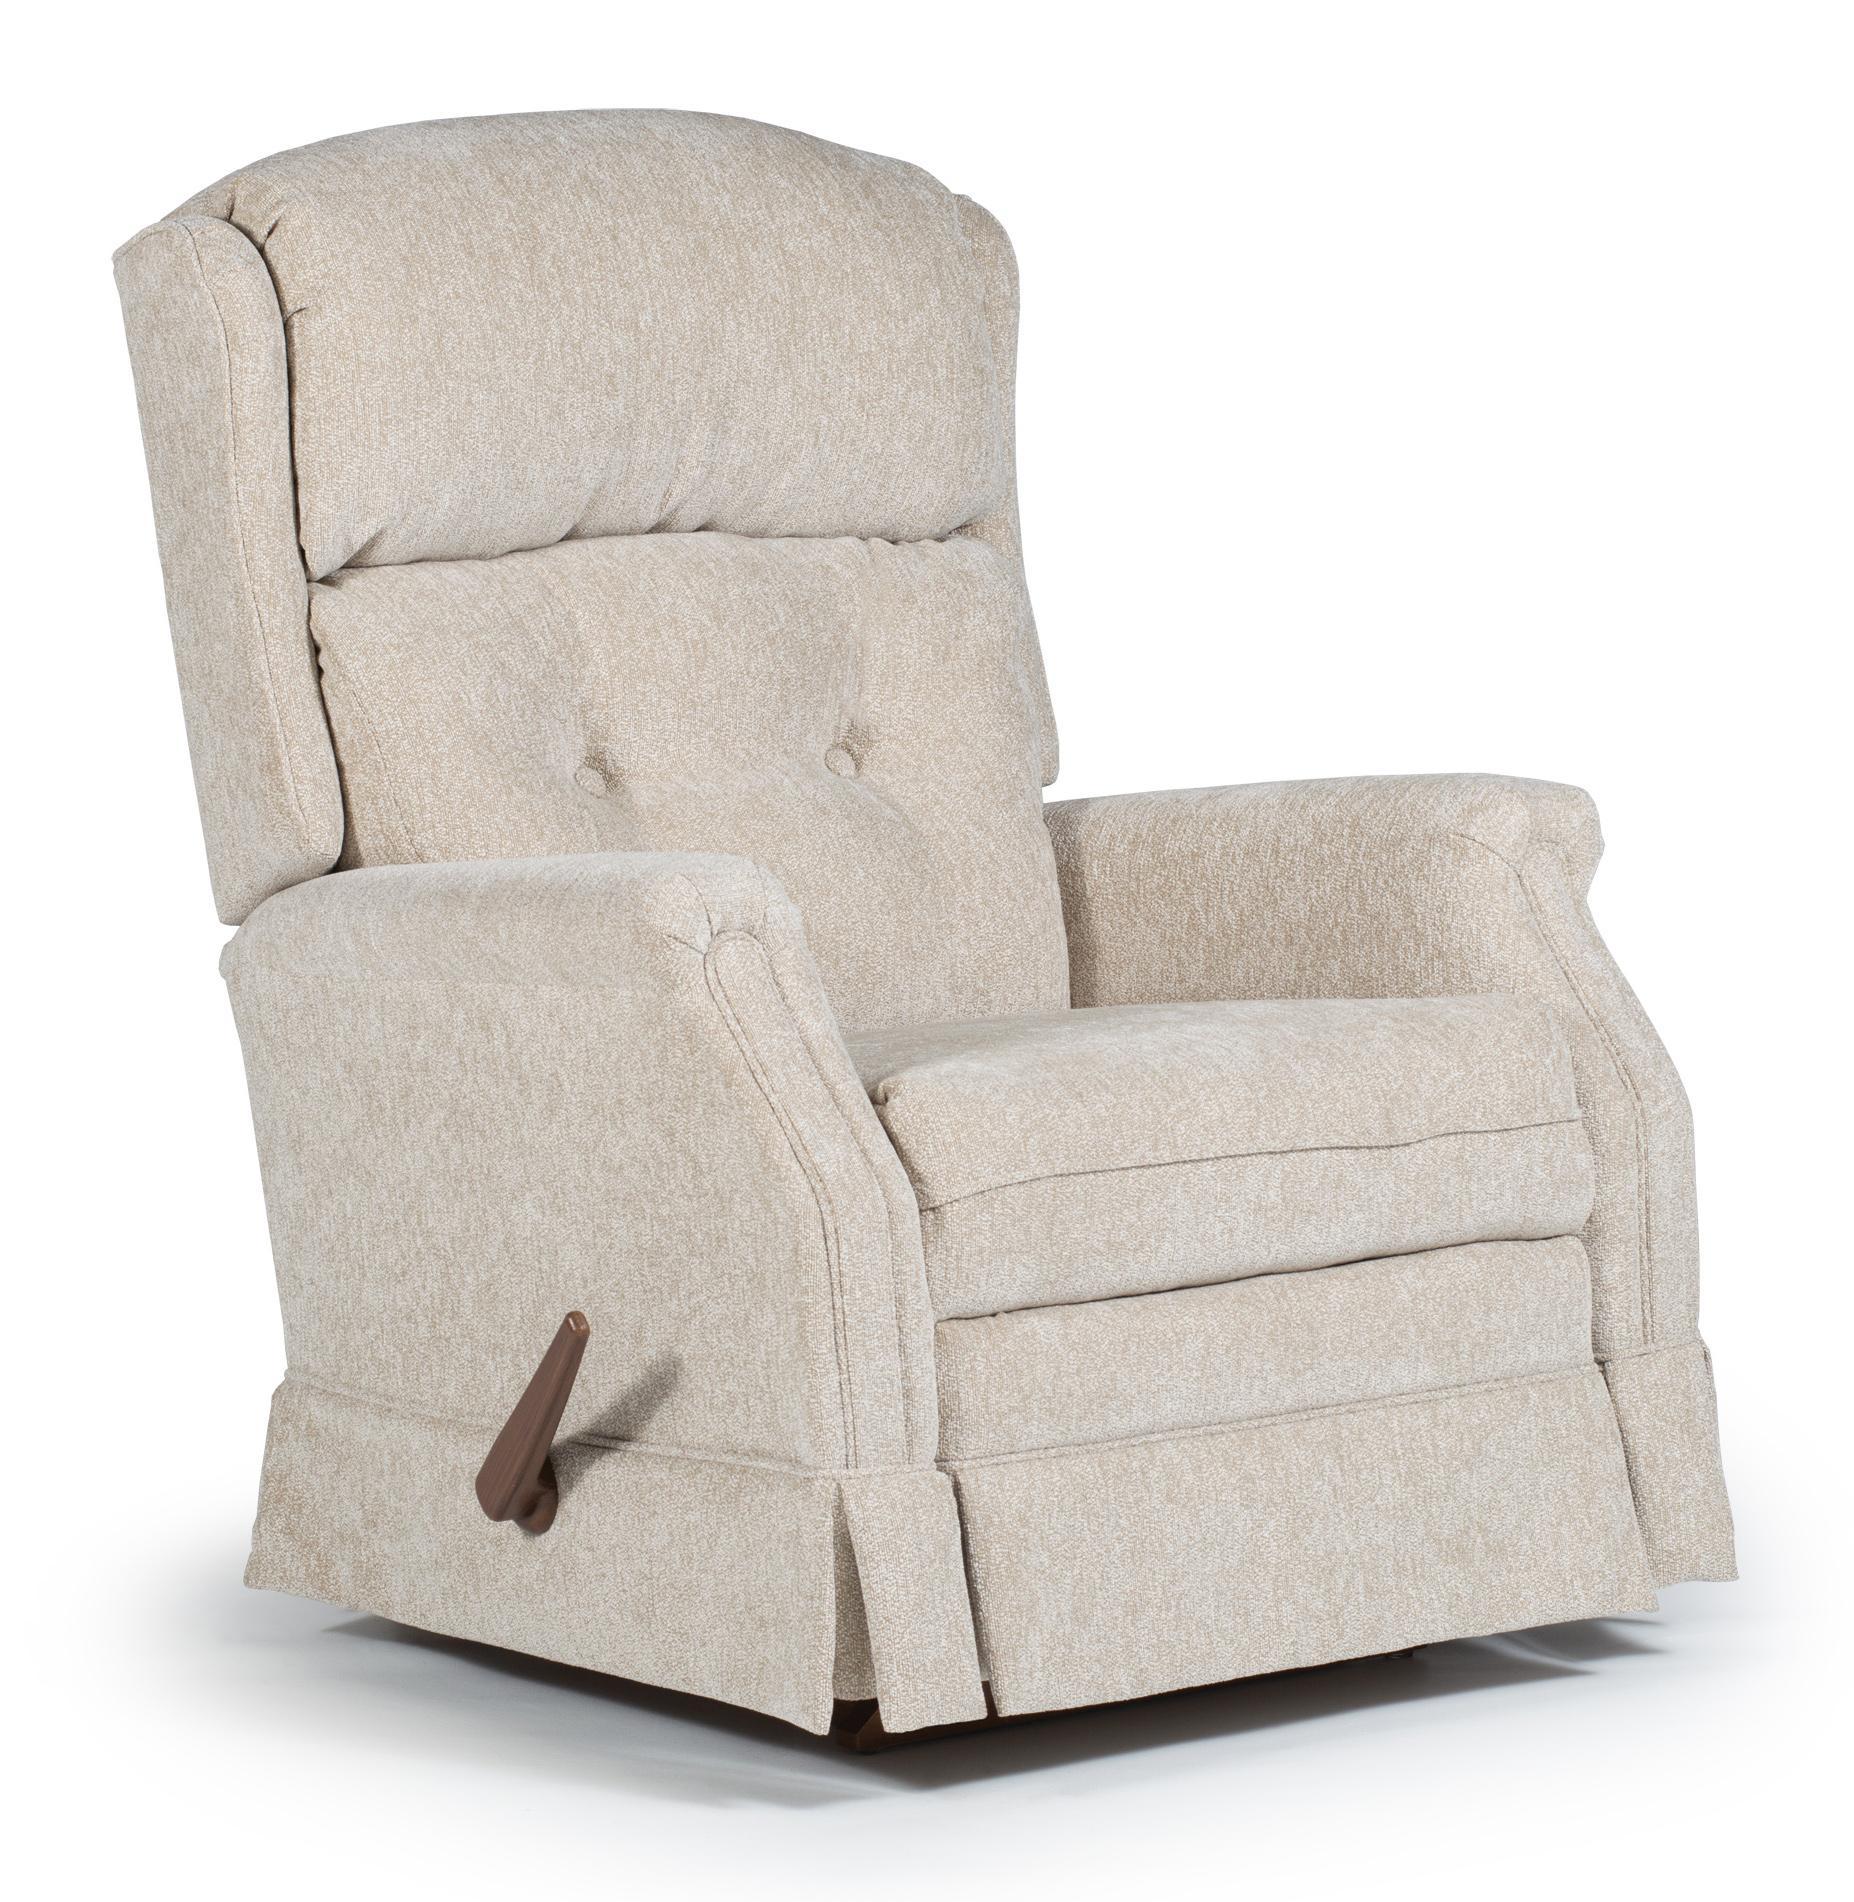 kensett swivel glider recliner